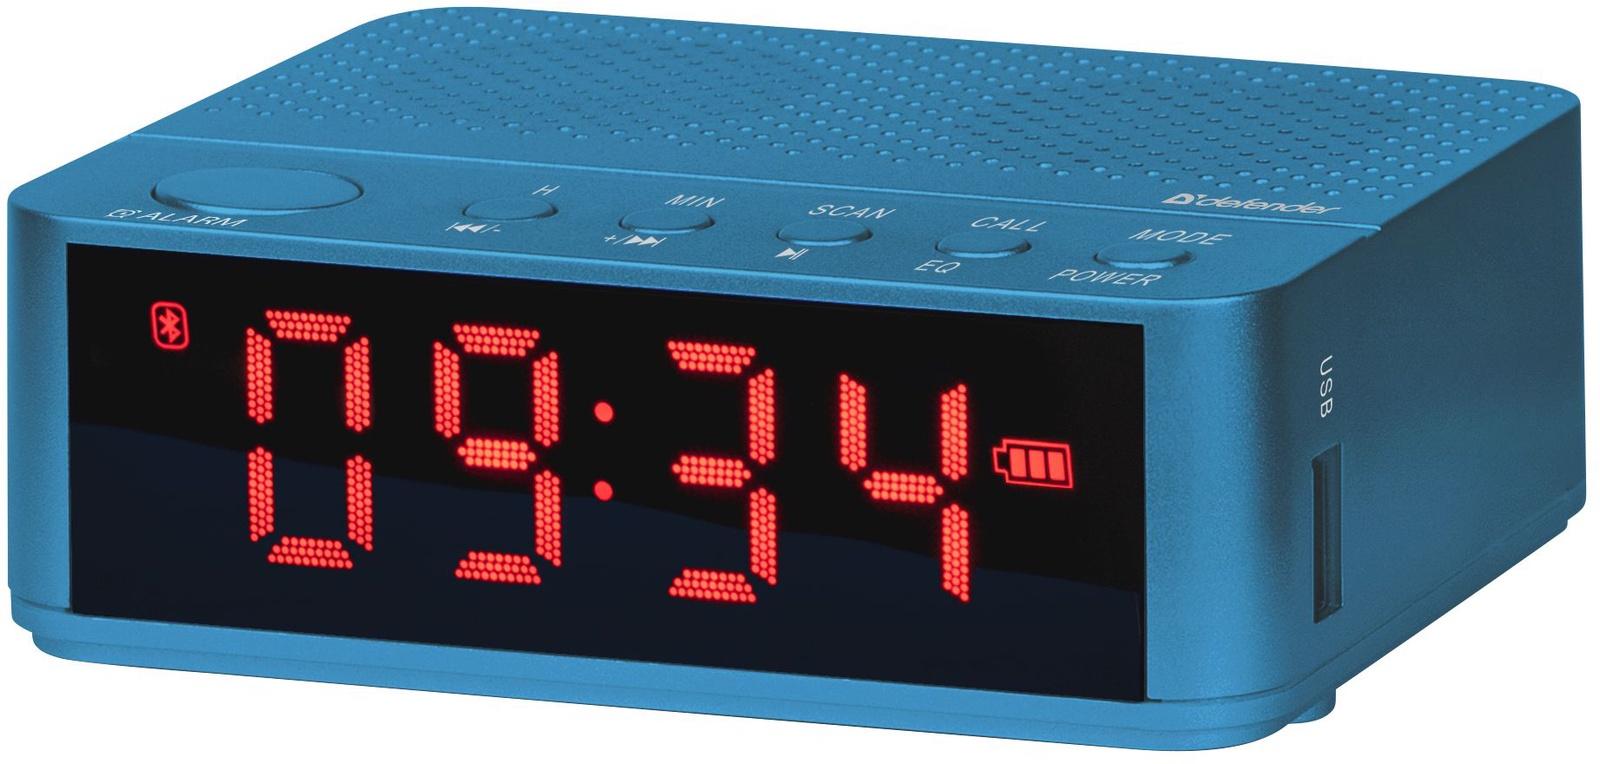 Портативная акустика Defender Enjoy M800 синий, 3Вт, BT/Alarm/FM/USB, 65685 портативная колонка defender enjoy m800 черная